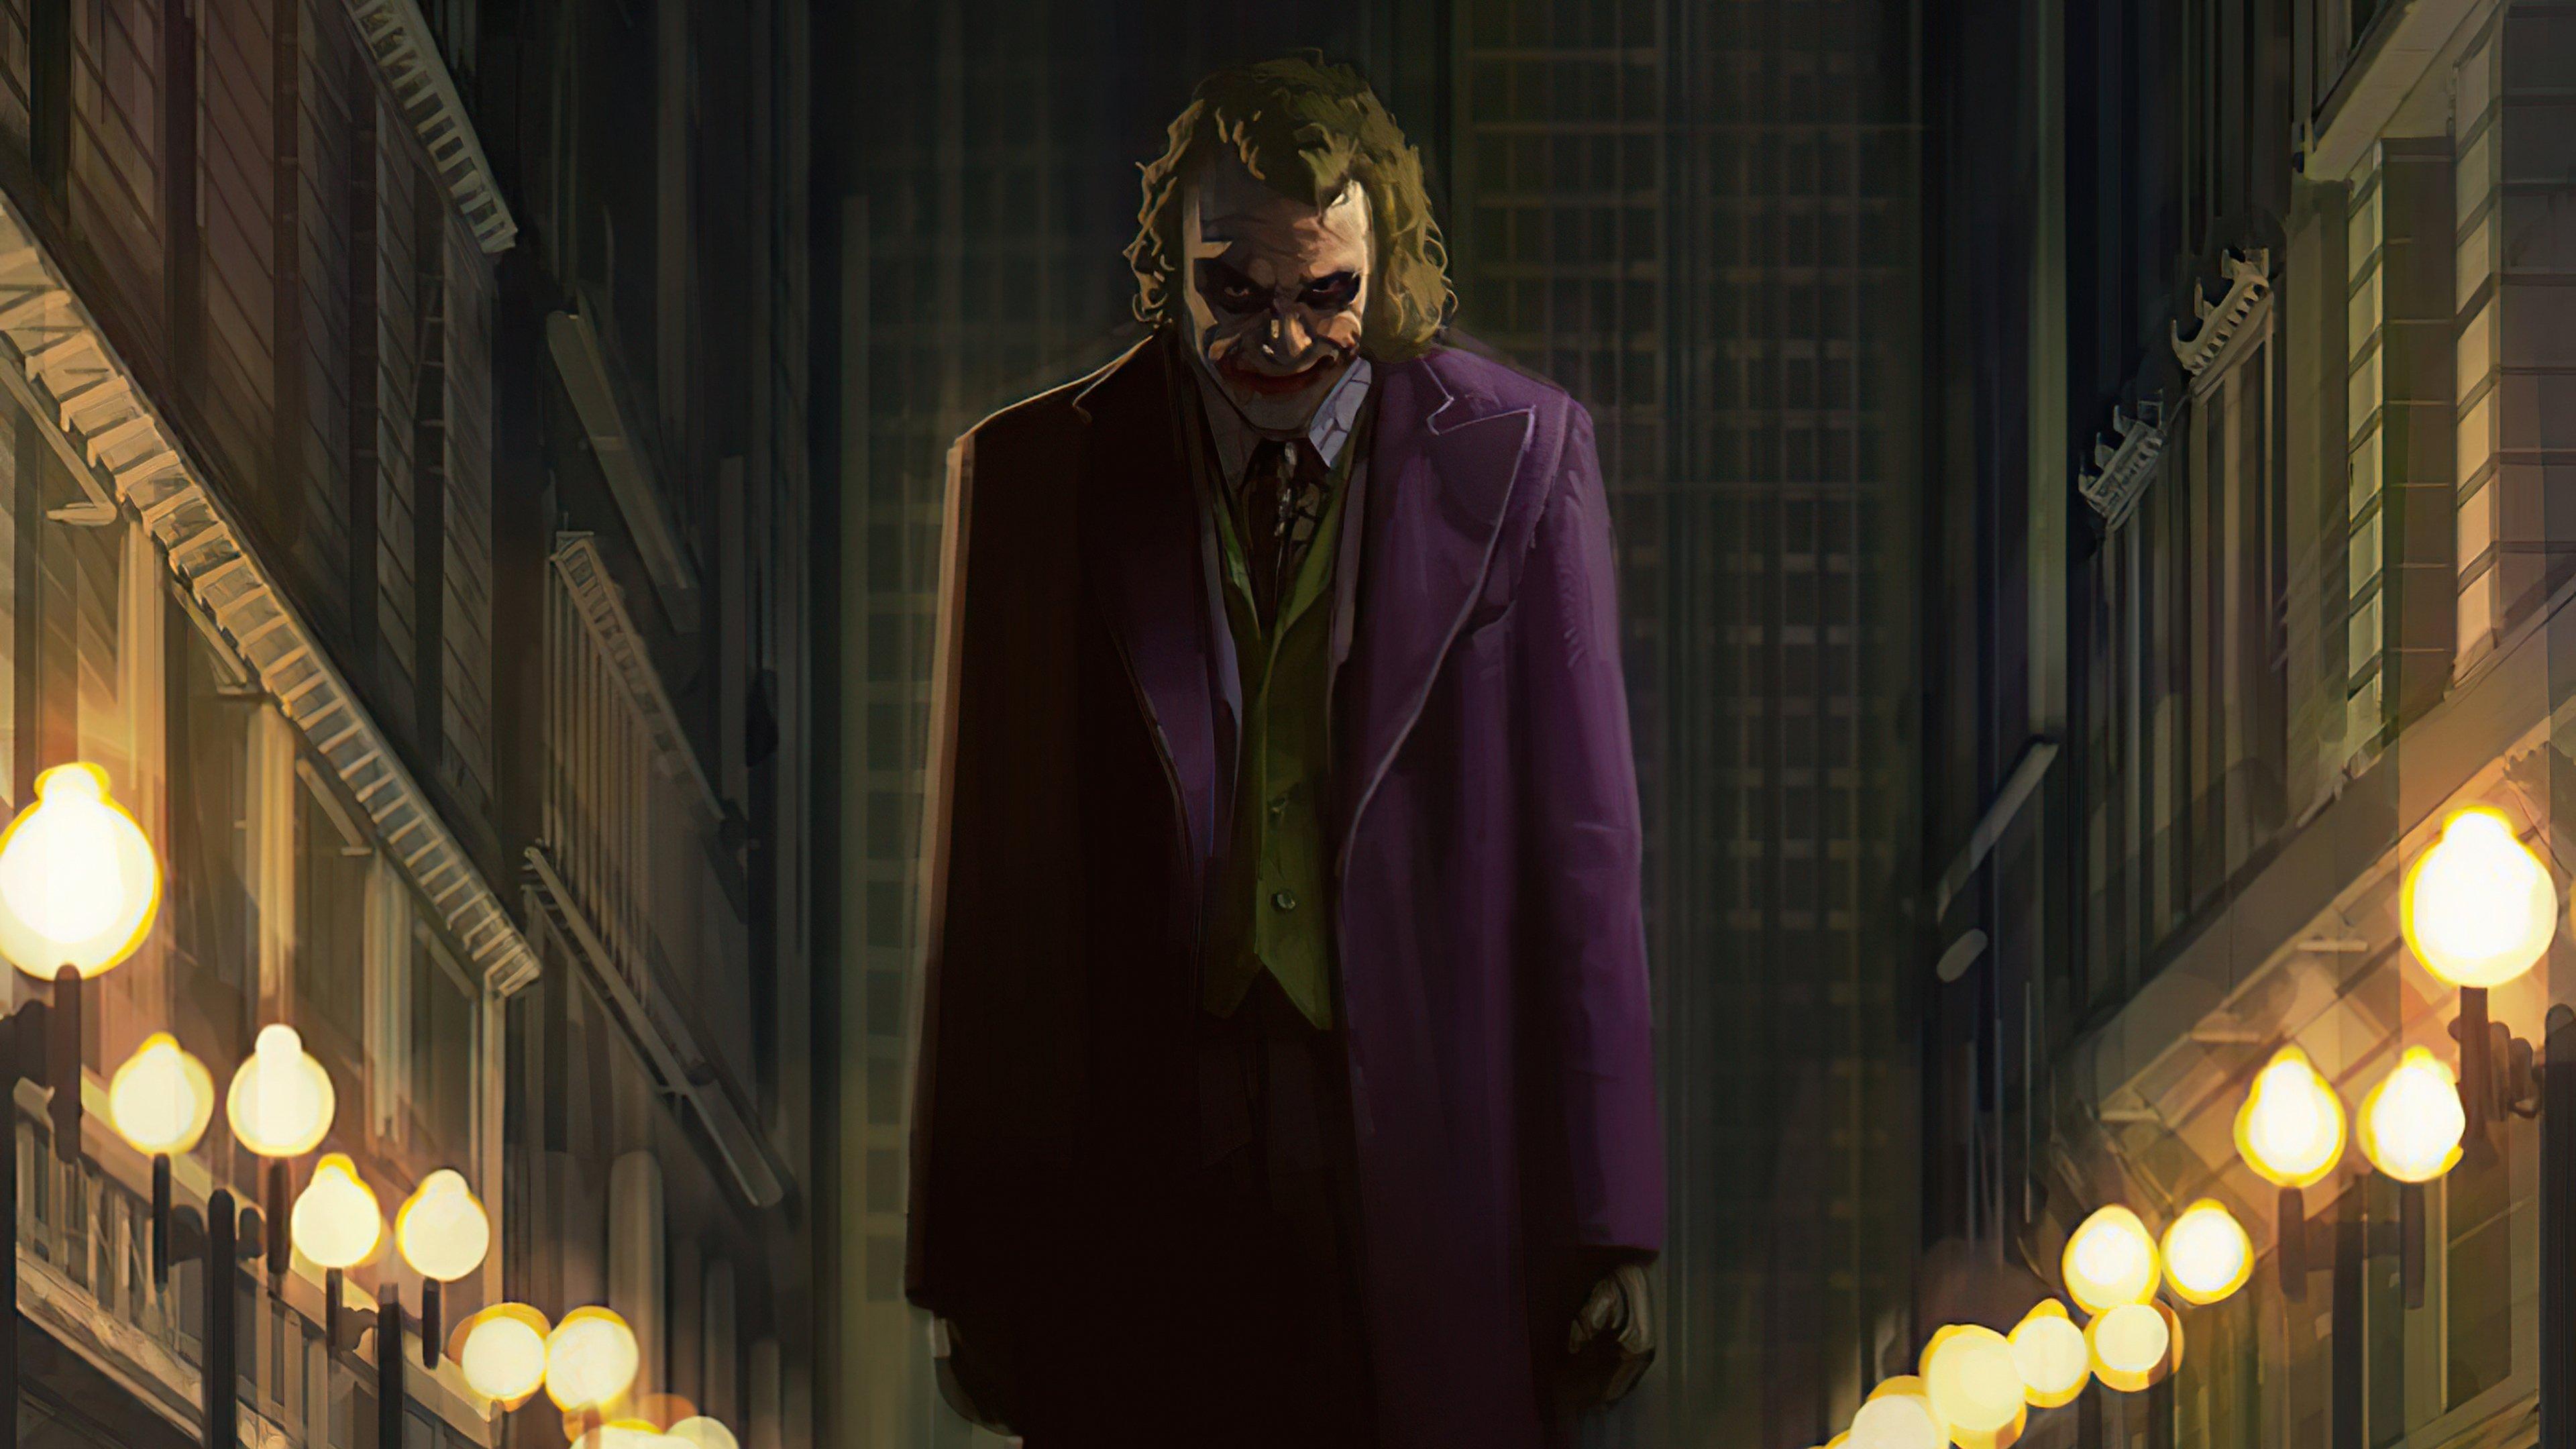 Wallpaper Joker with gun Poster